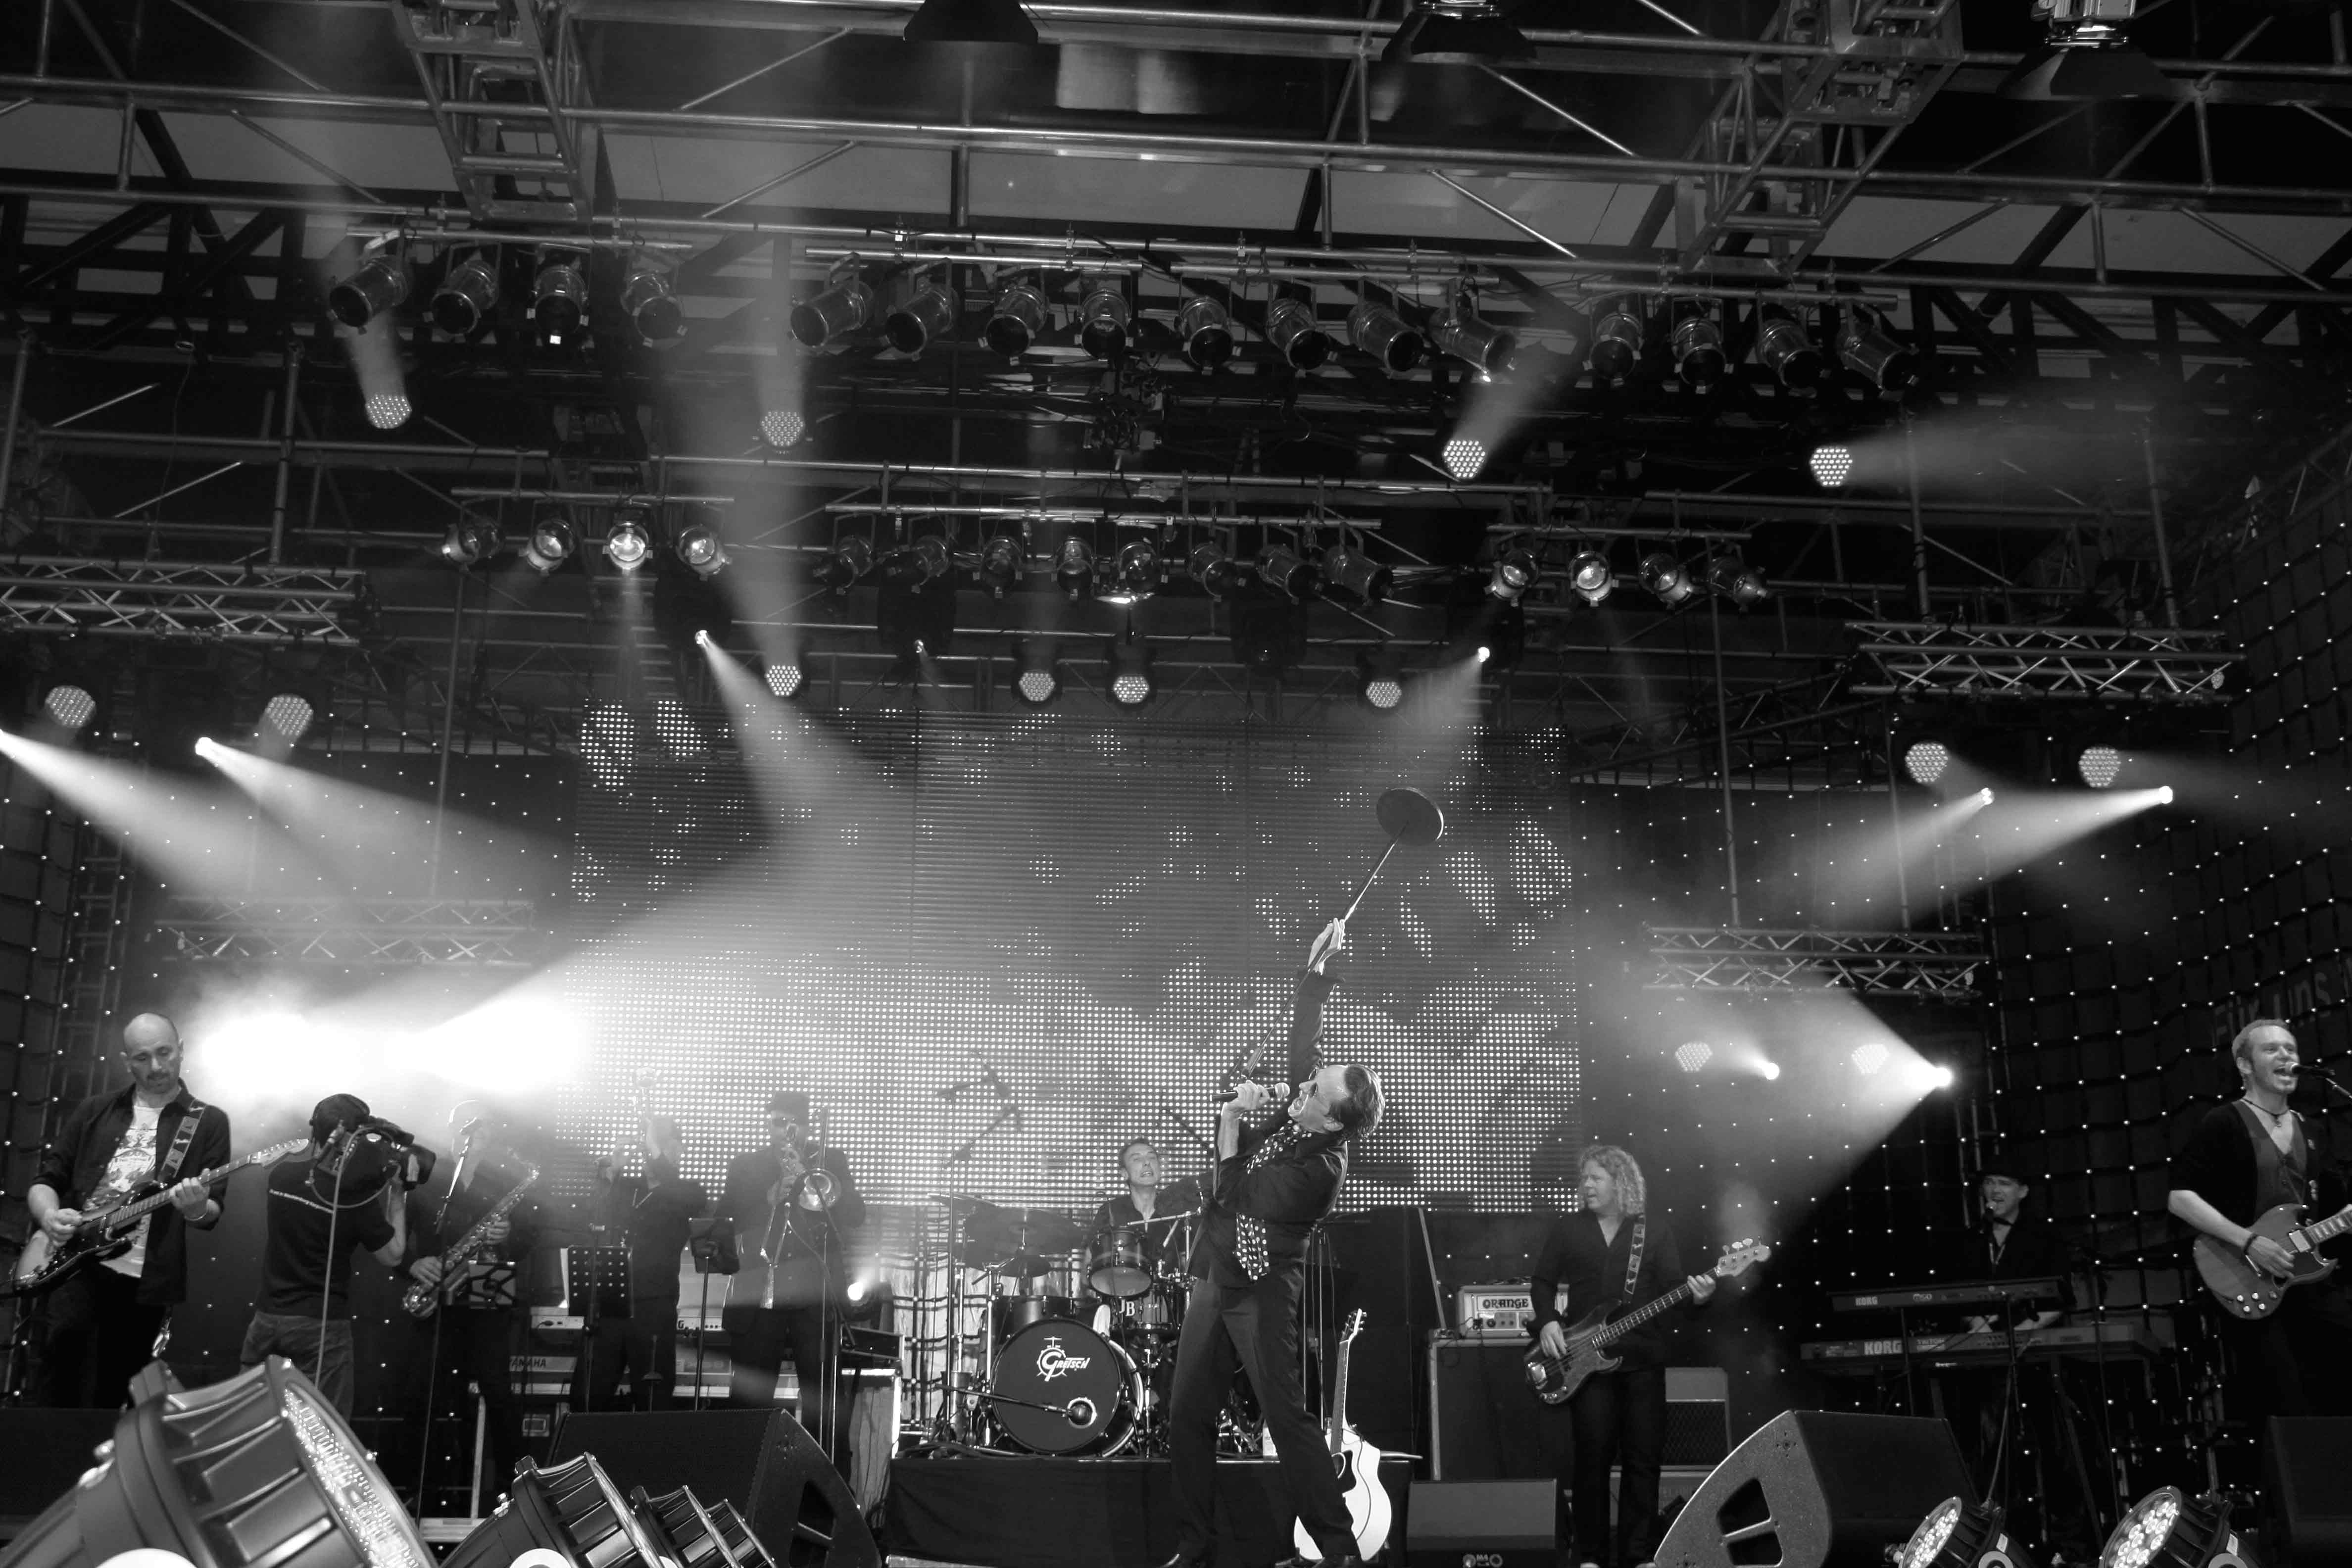 Weitersagen-auf-Tour-mit-seiner-Band